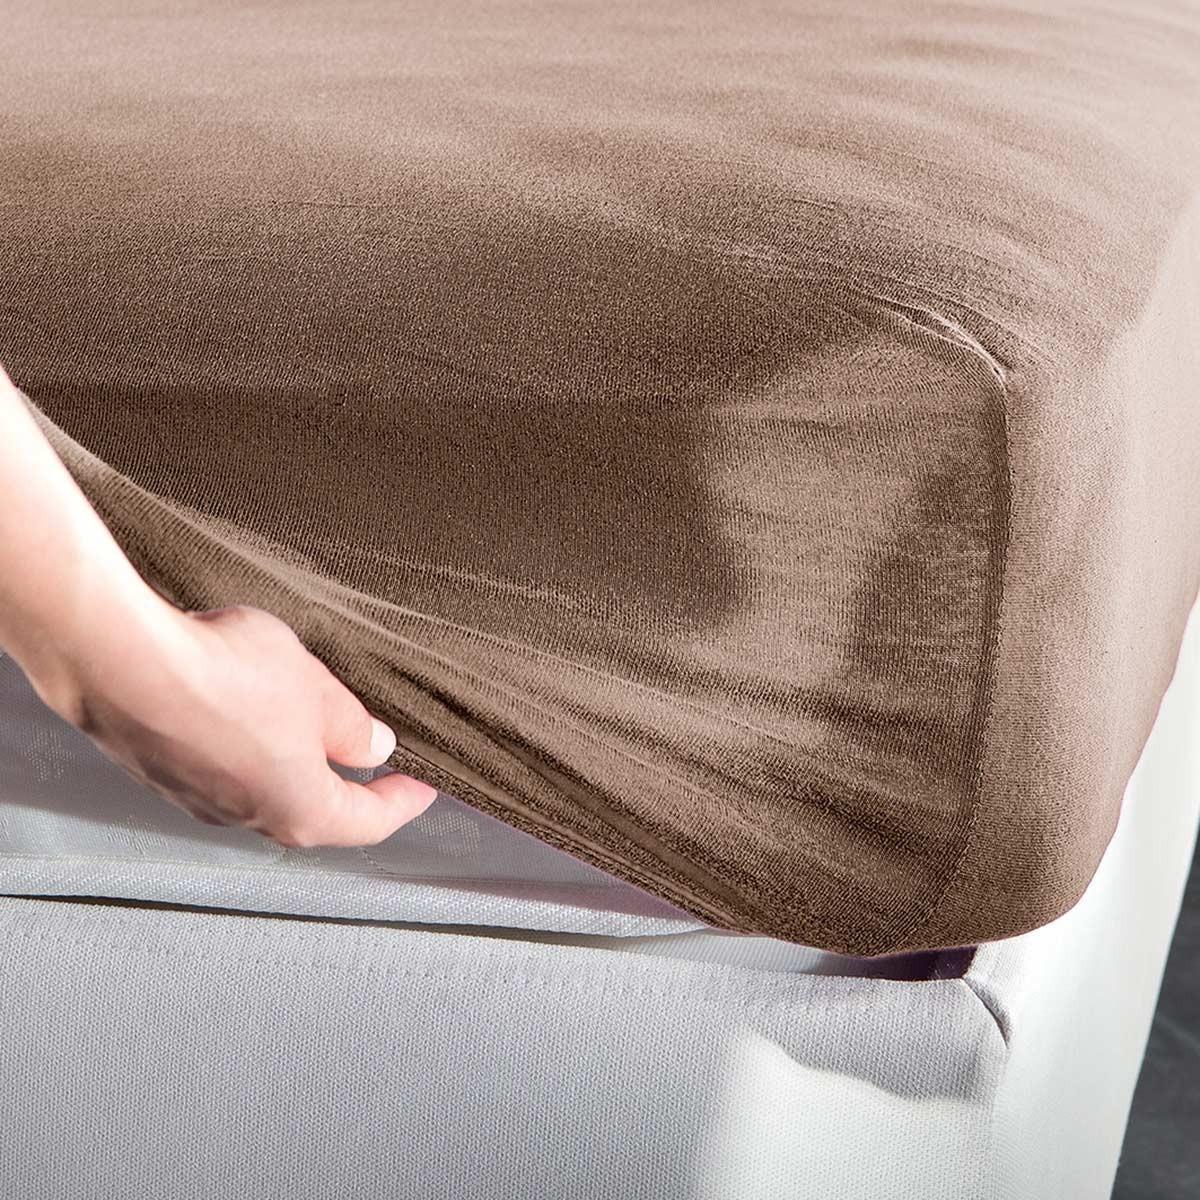 Σεντόνι Μακό Μονό Με Λάστιχο La Luna Jersey home   κρεβατοκάμαρα   σεντόνια   σεντόνια μεμονωμένα